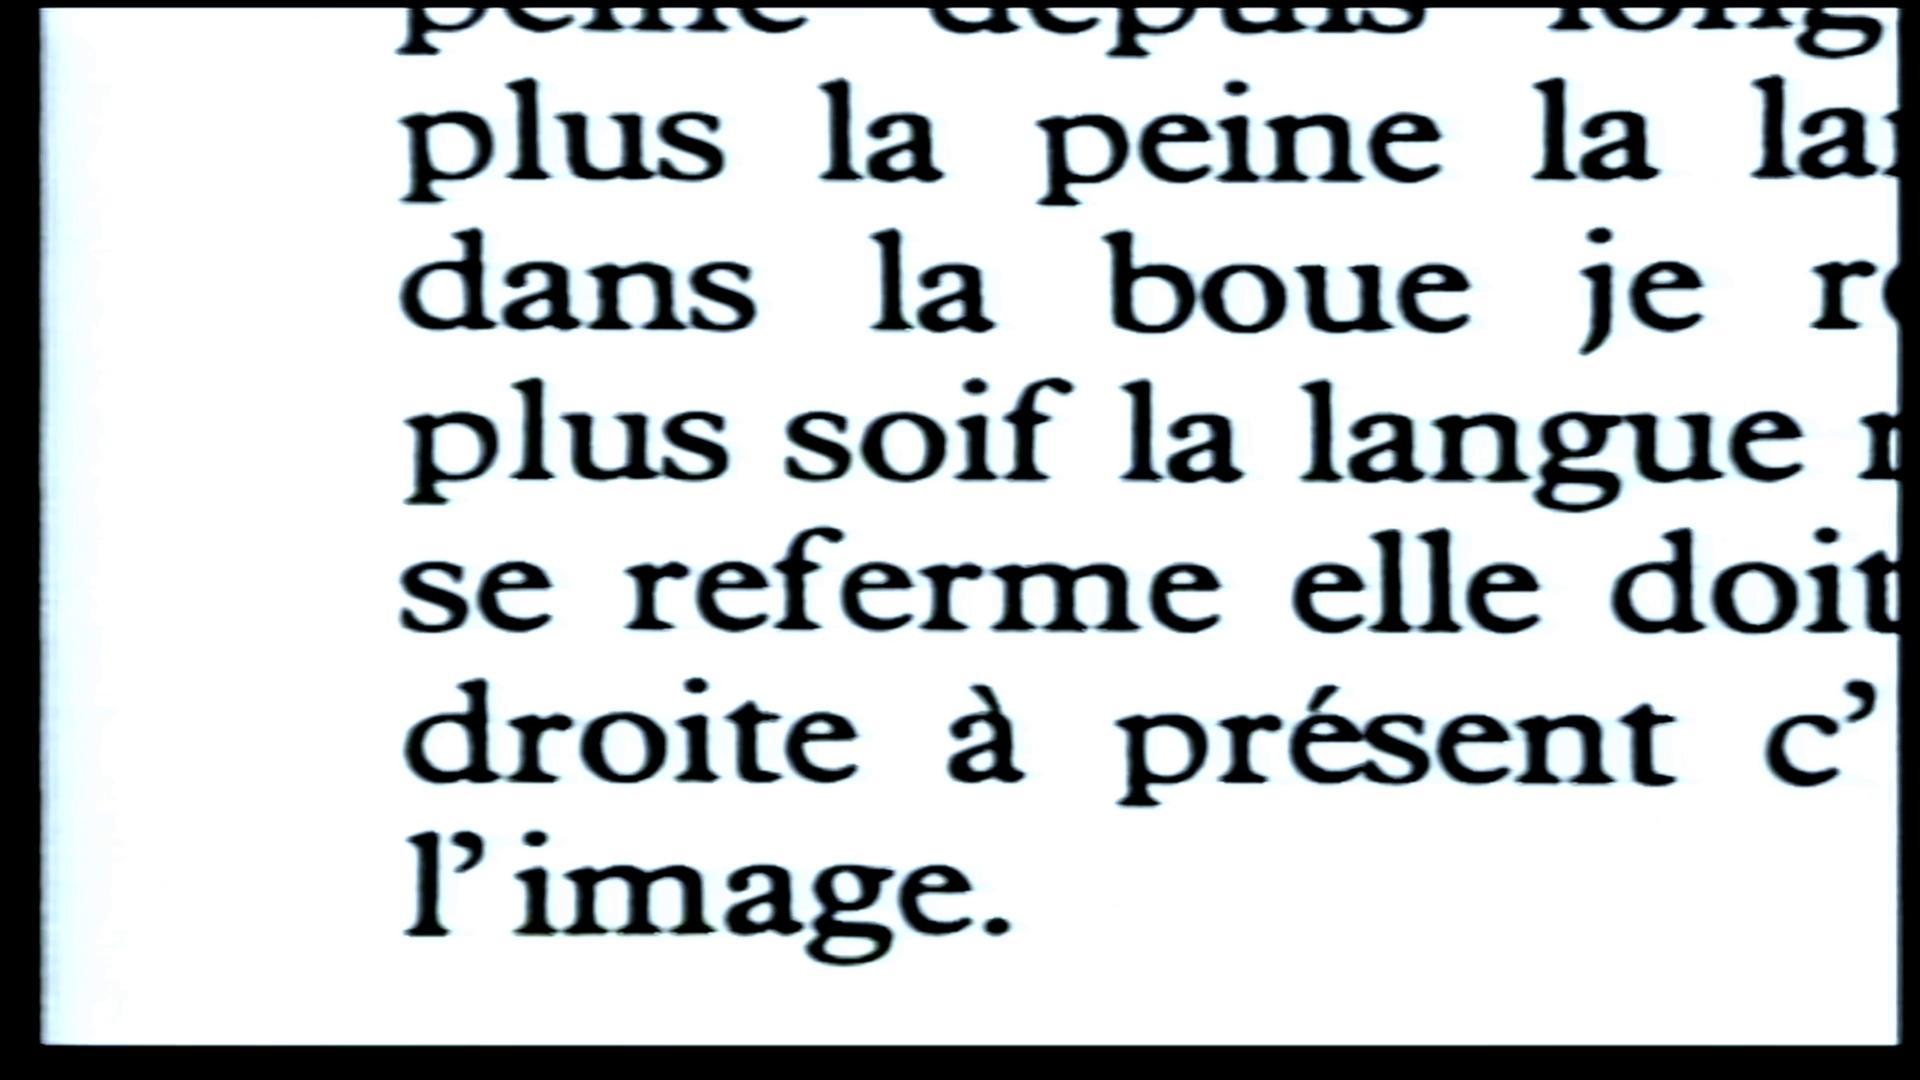 Galerie Le Livre d'image 2